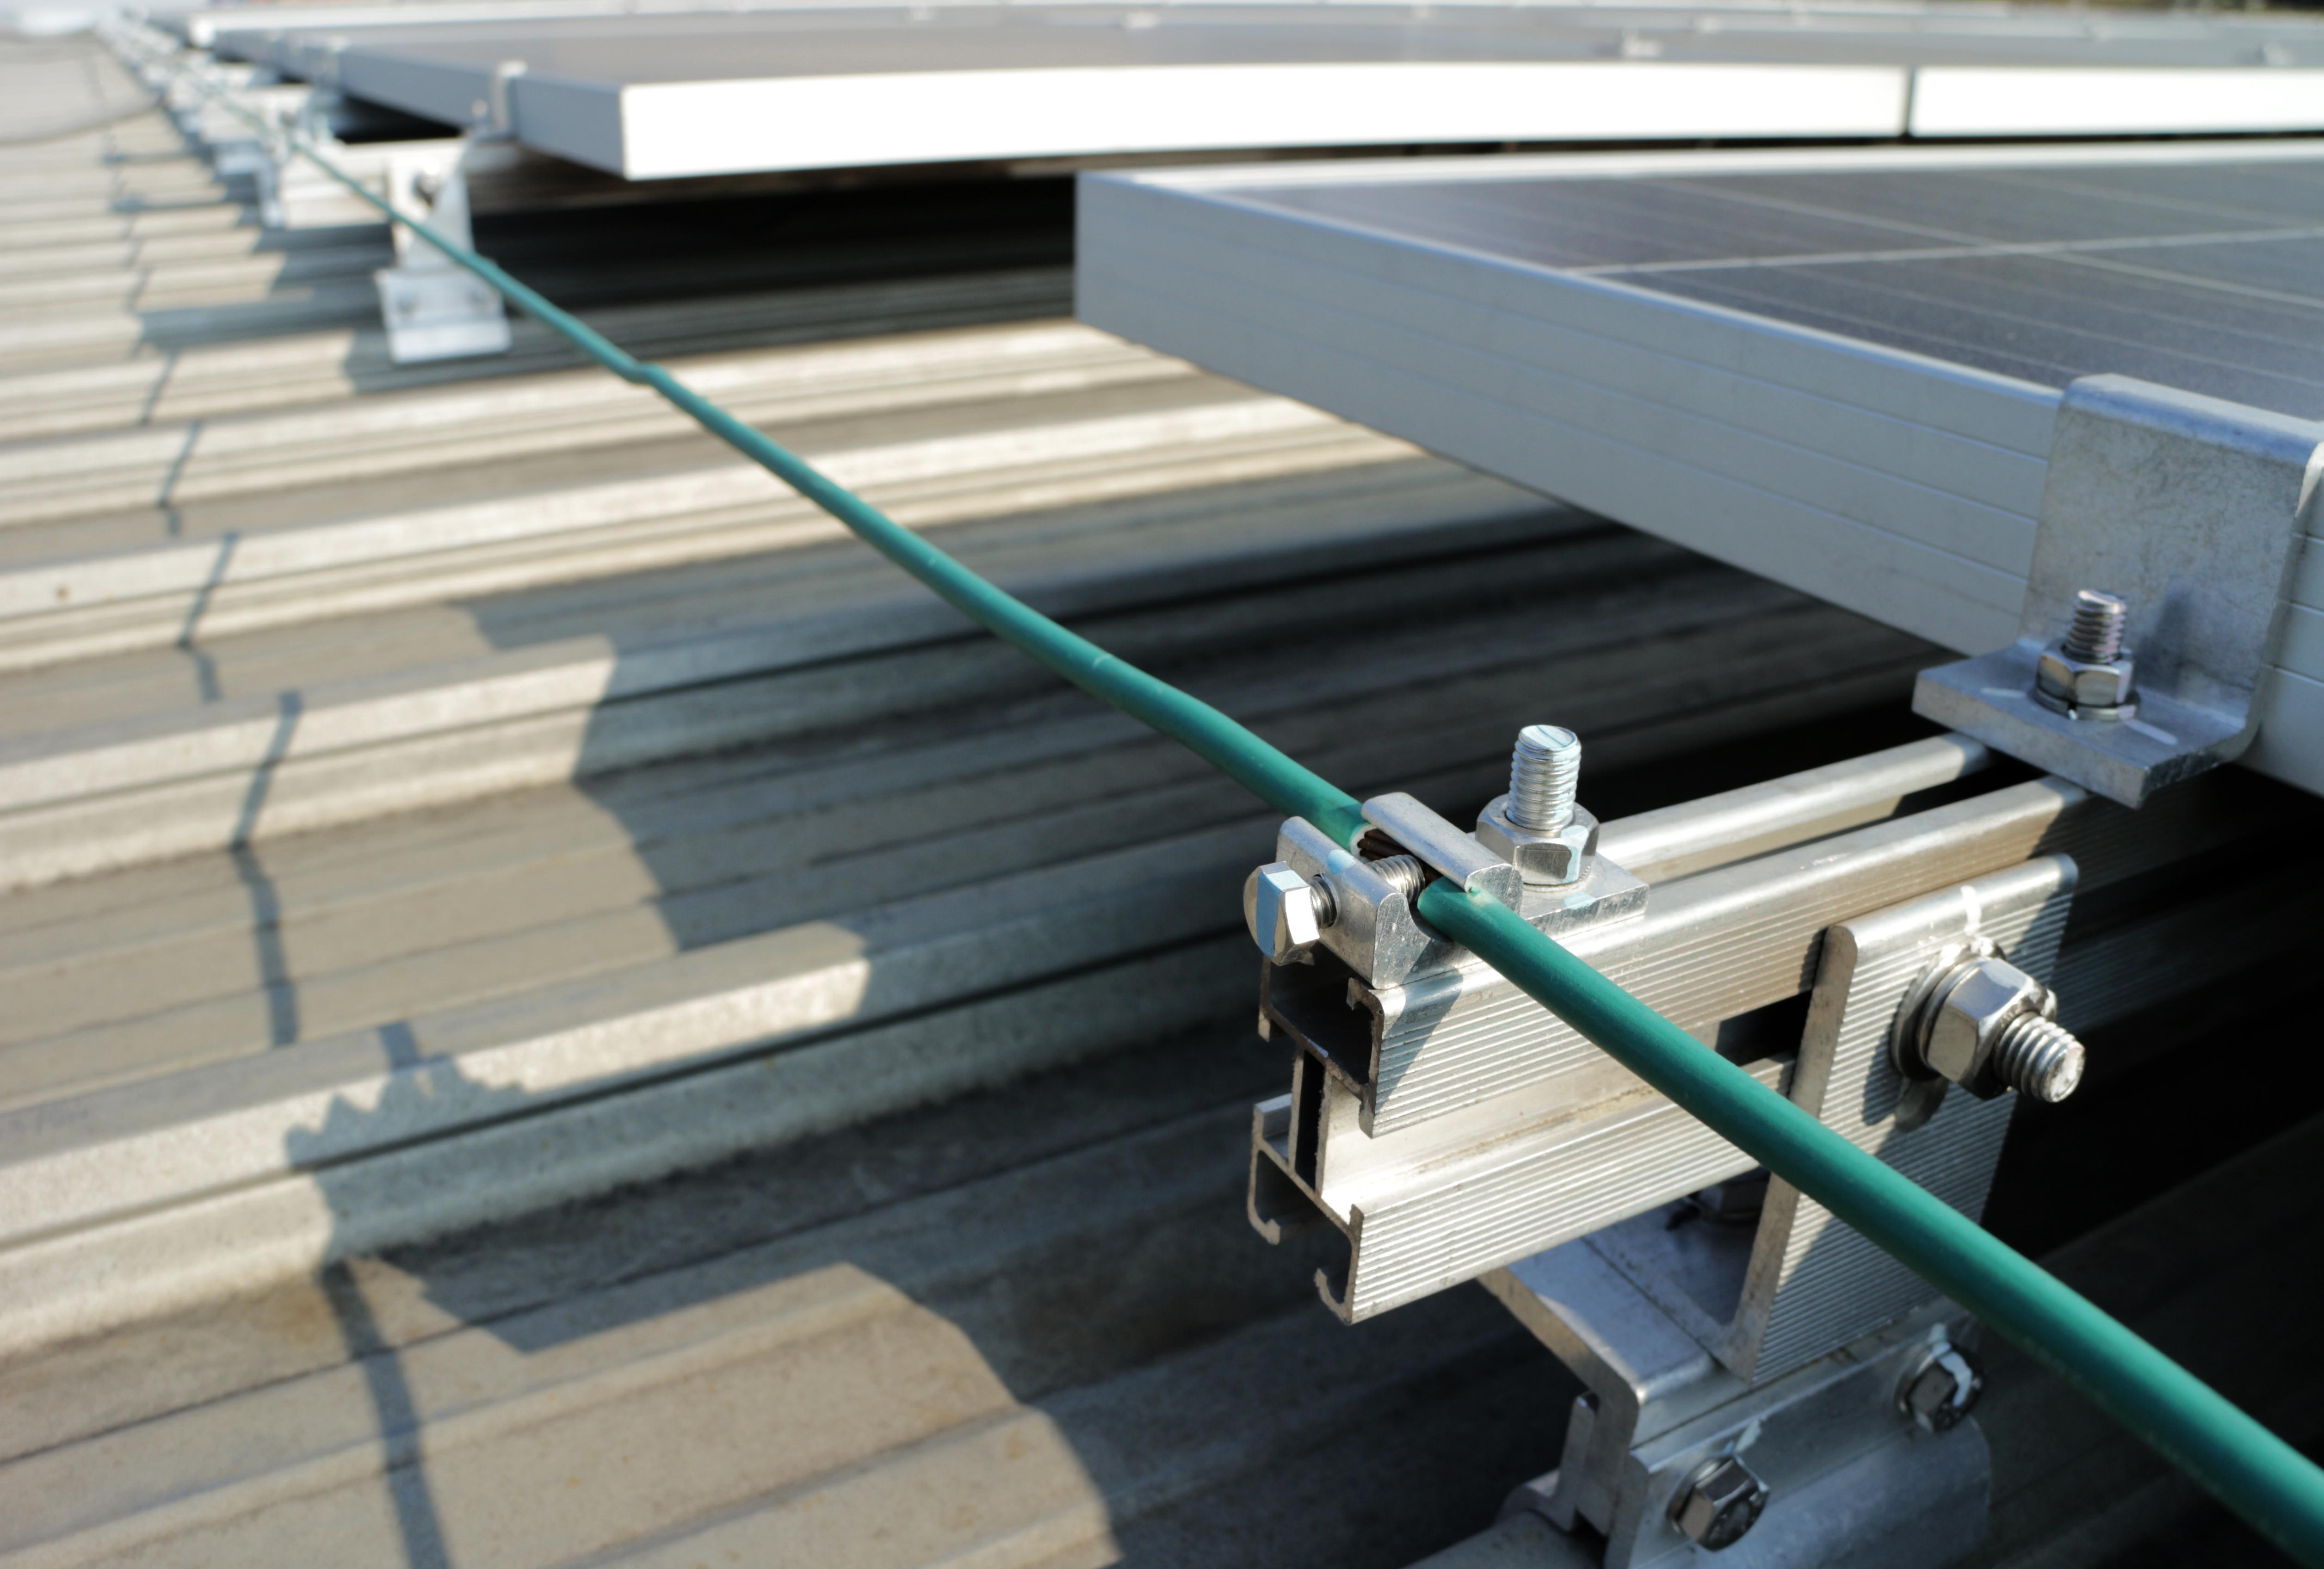 Detalhes do método de montagem da equipotencialização da estrutura de fixação